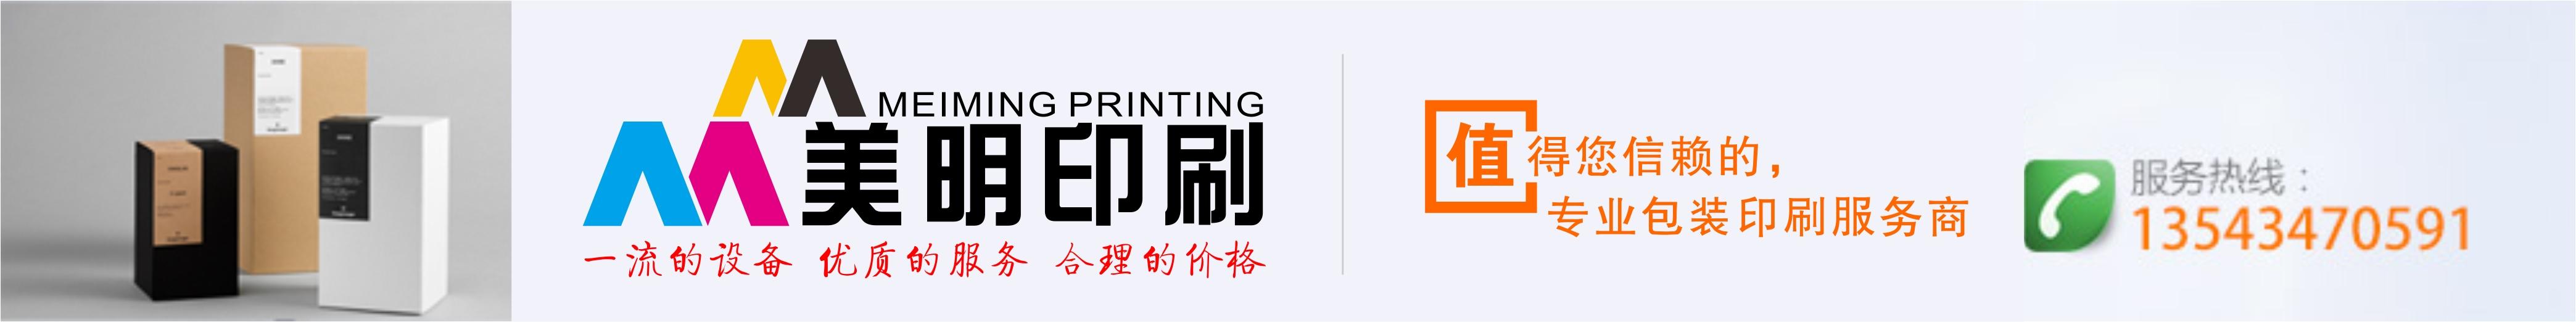 广州快艺印刷-您身边的包装印刷助手(诚信-高效-创新)